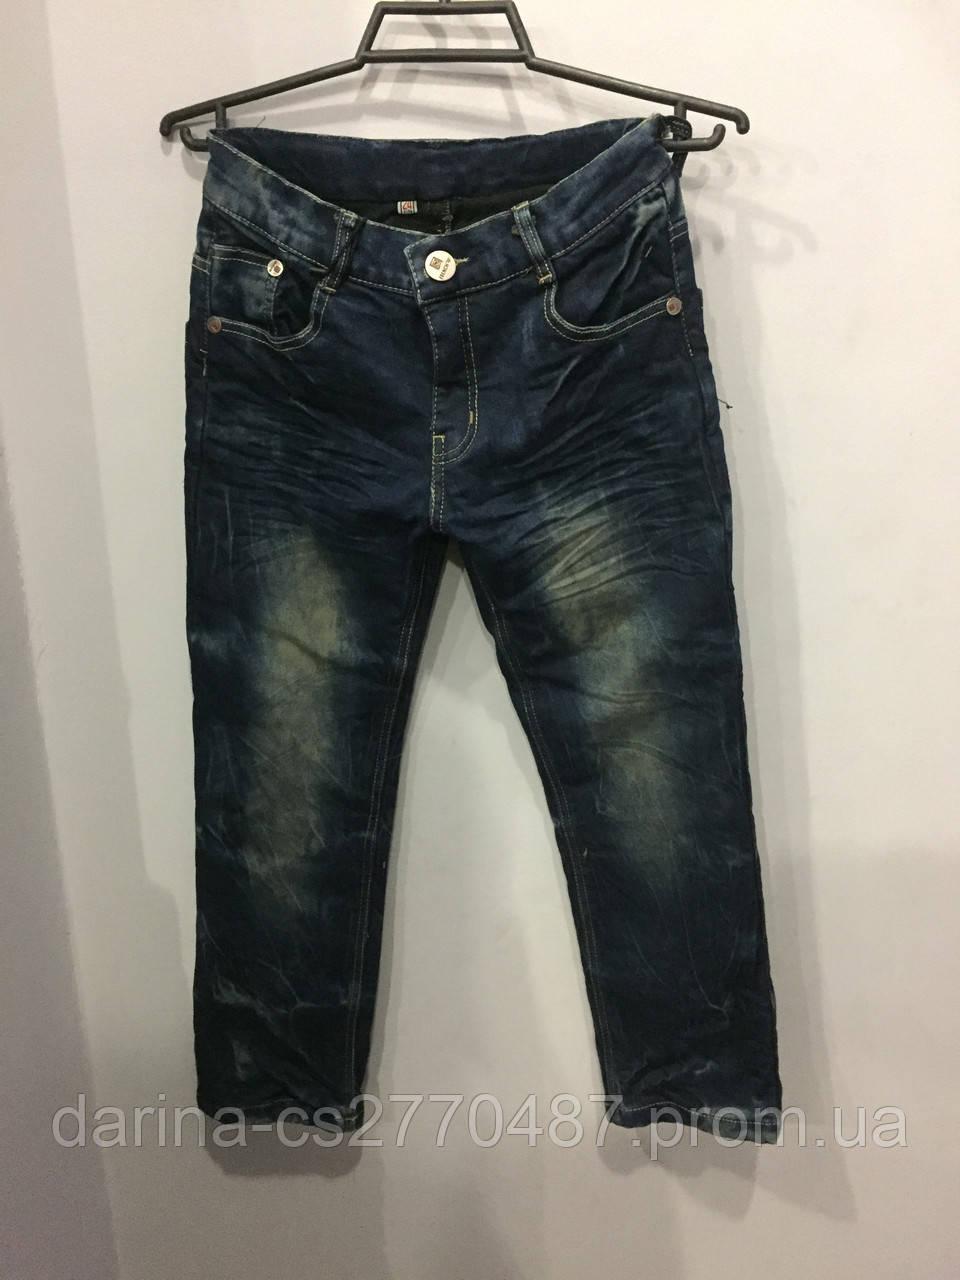 Утепленные джинсы для мальчика р24,26